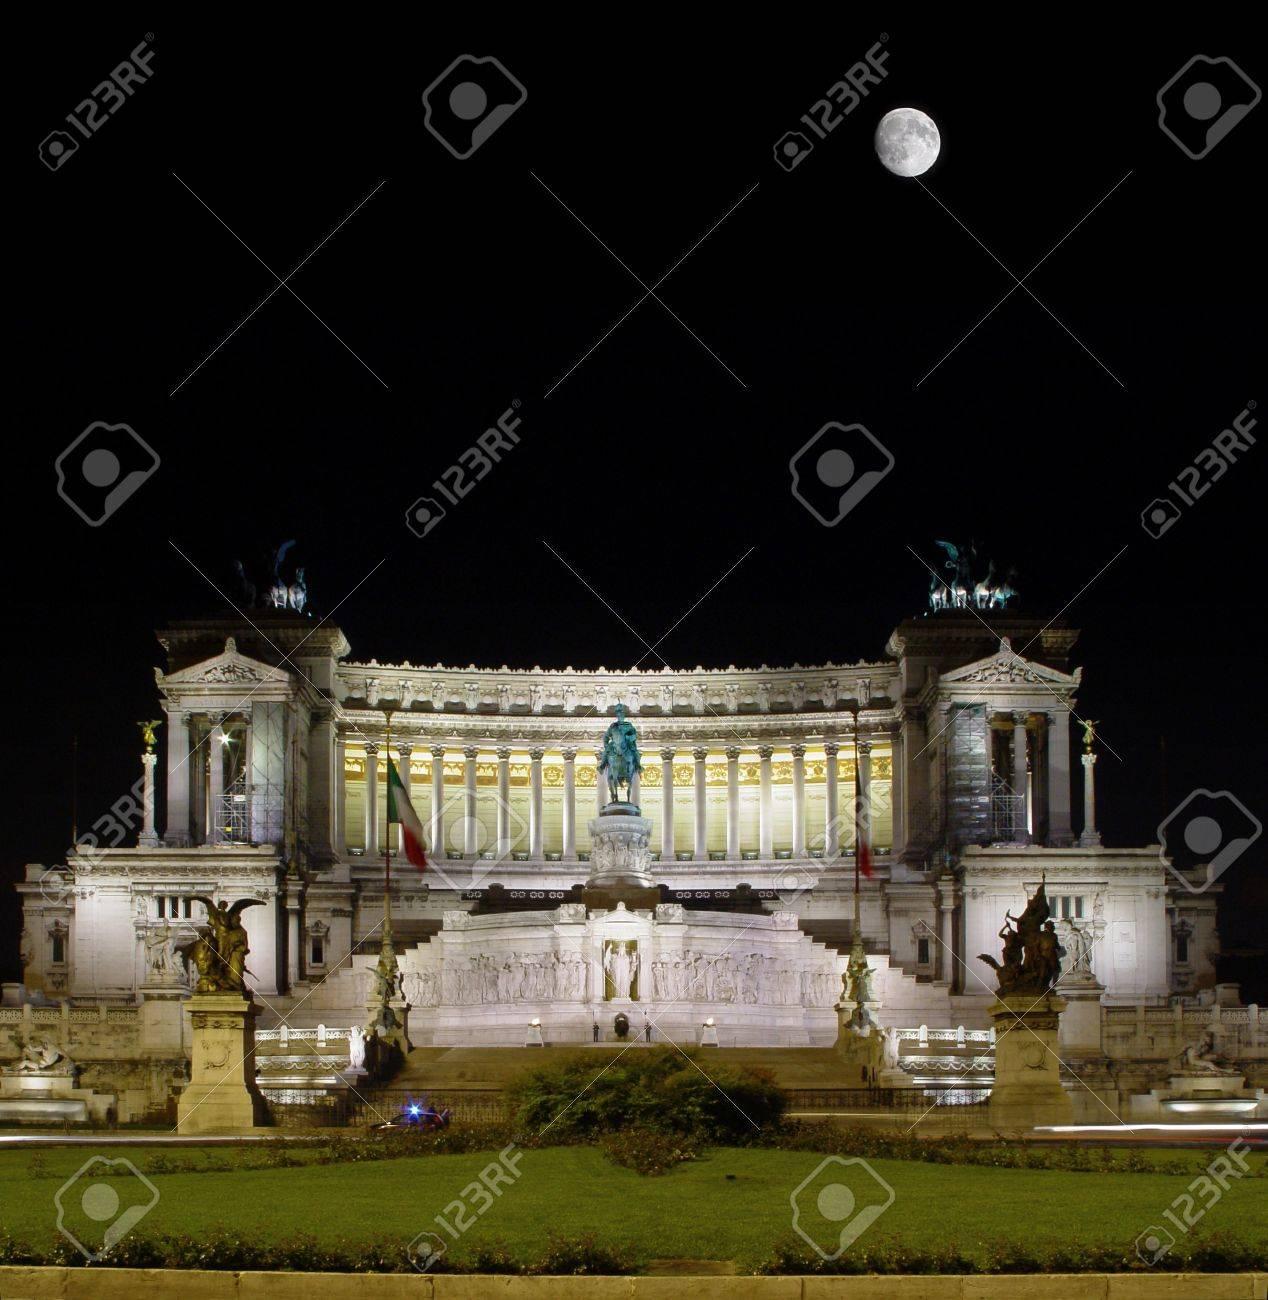 Grand Monument Rome Gâteau De Mariage à Fond Noir De Ciel Et De La Lune Piazza Venezia Rome Italie